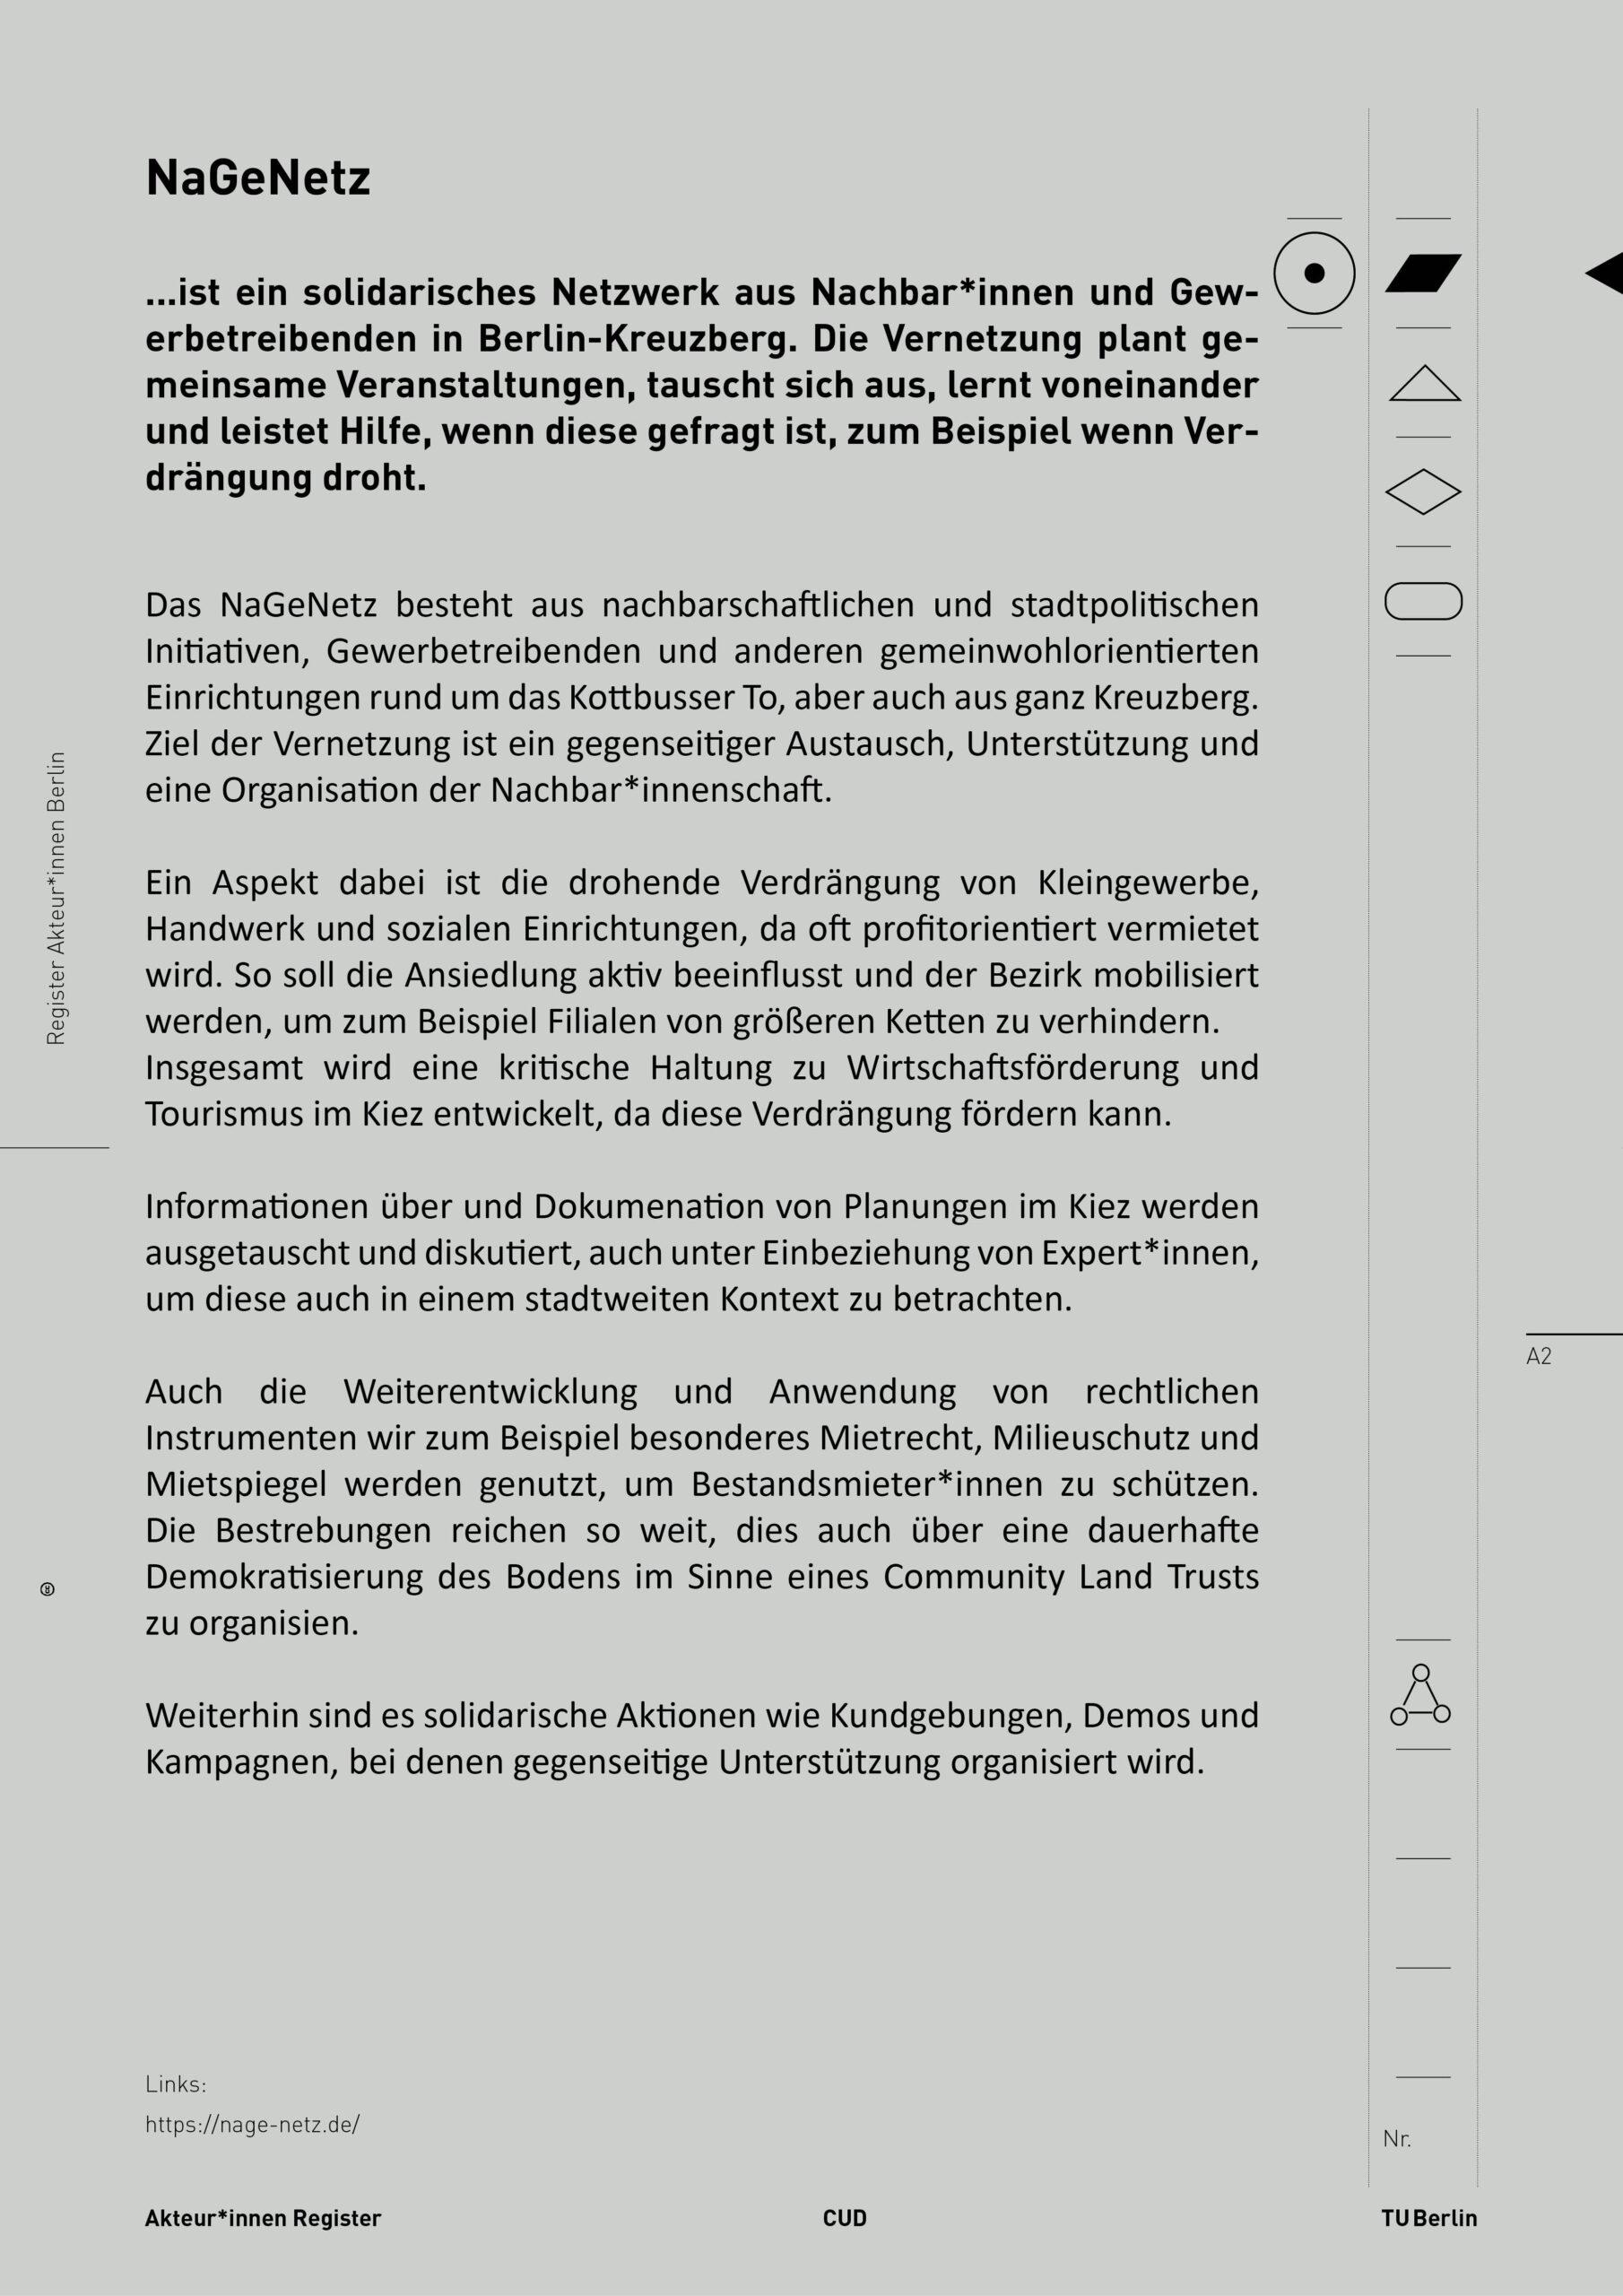 2021-05-17_AkteurInnen_Register_20